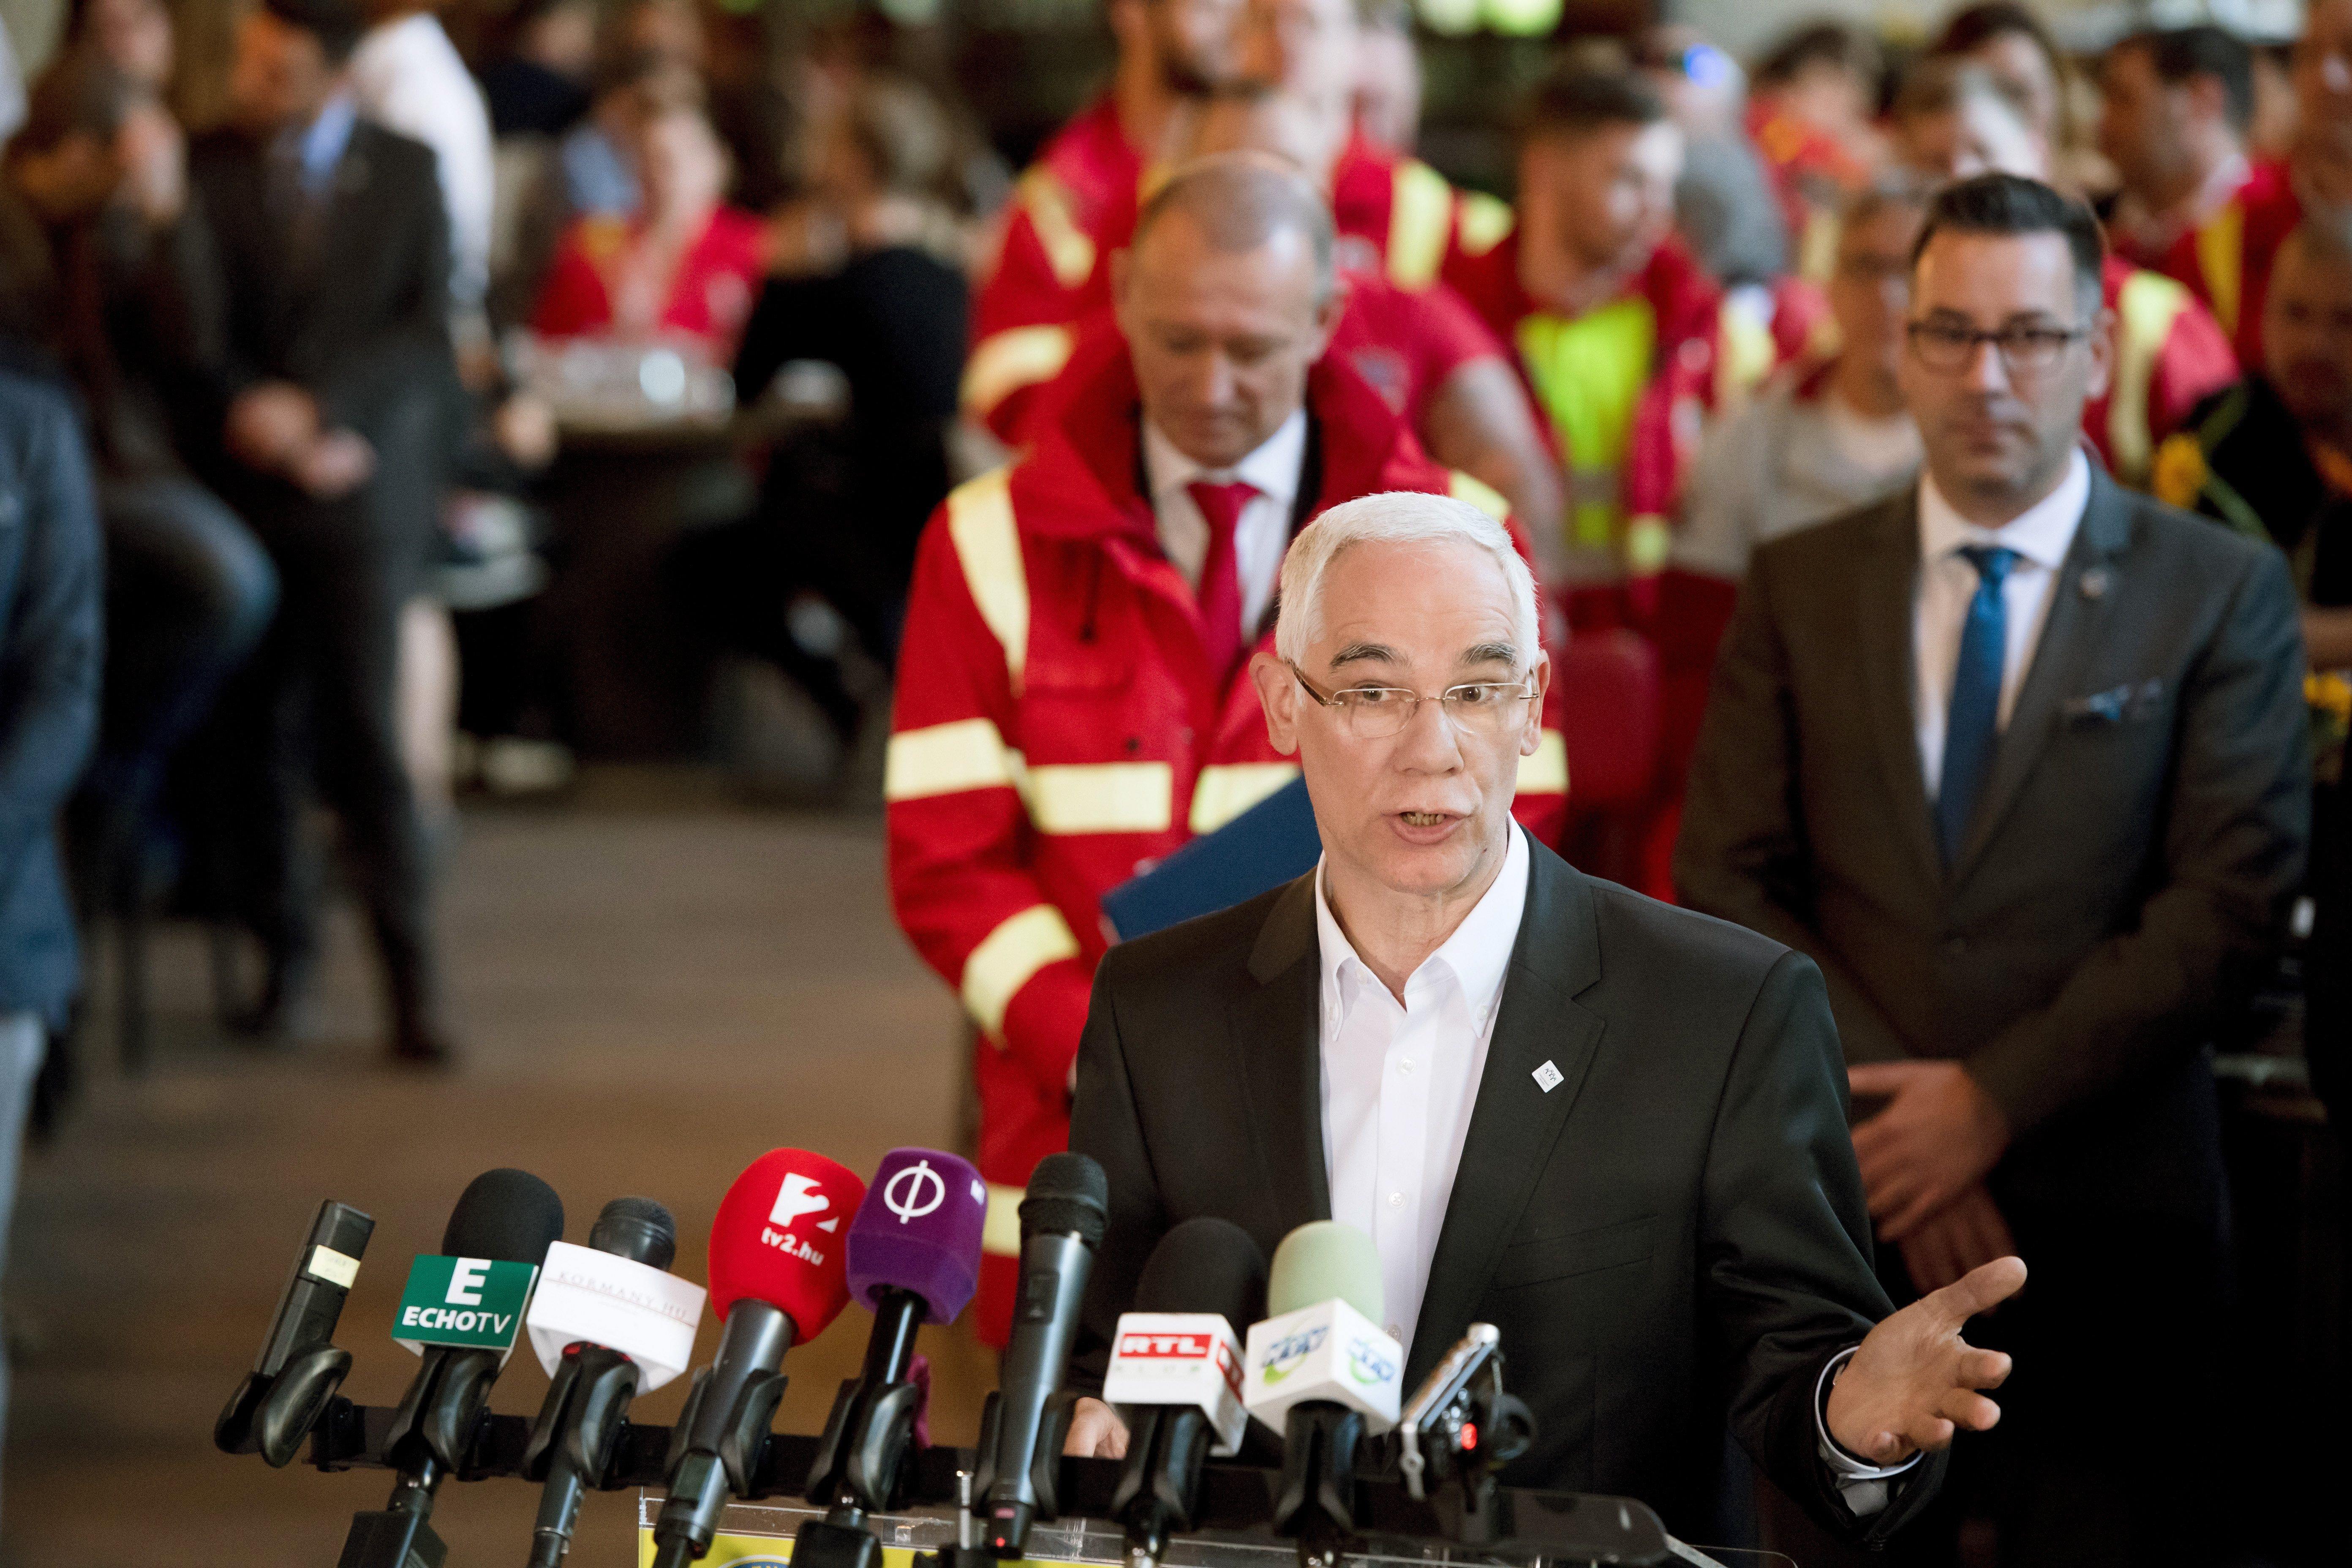 Balog Zoltán lelkész-miniszter nyilvánosan azon viccelődött, hogy milyen keveset keresnek a mentősök